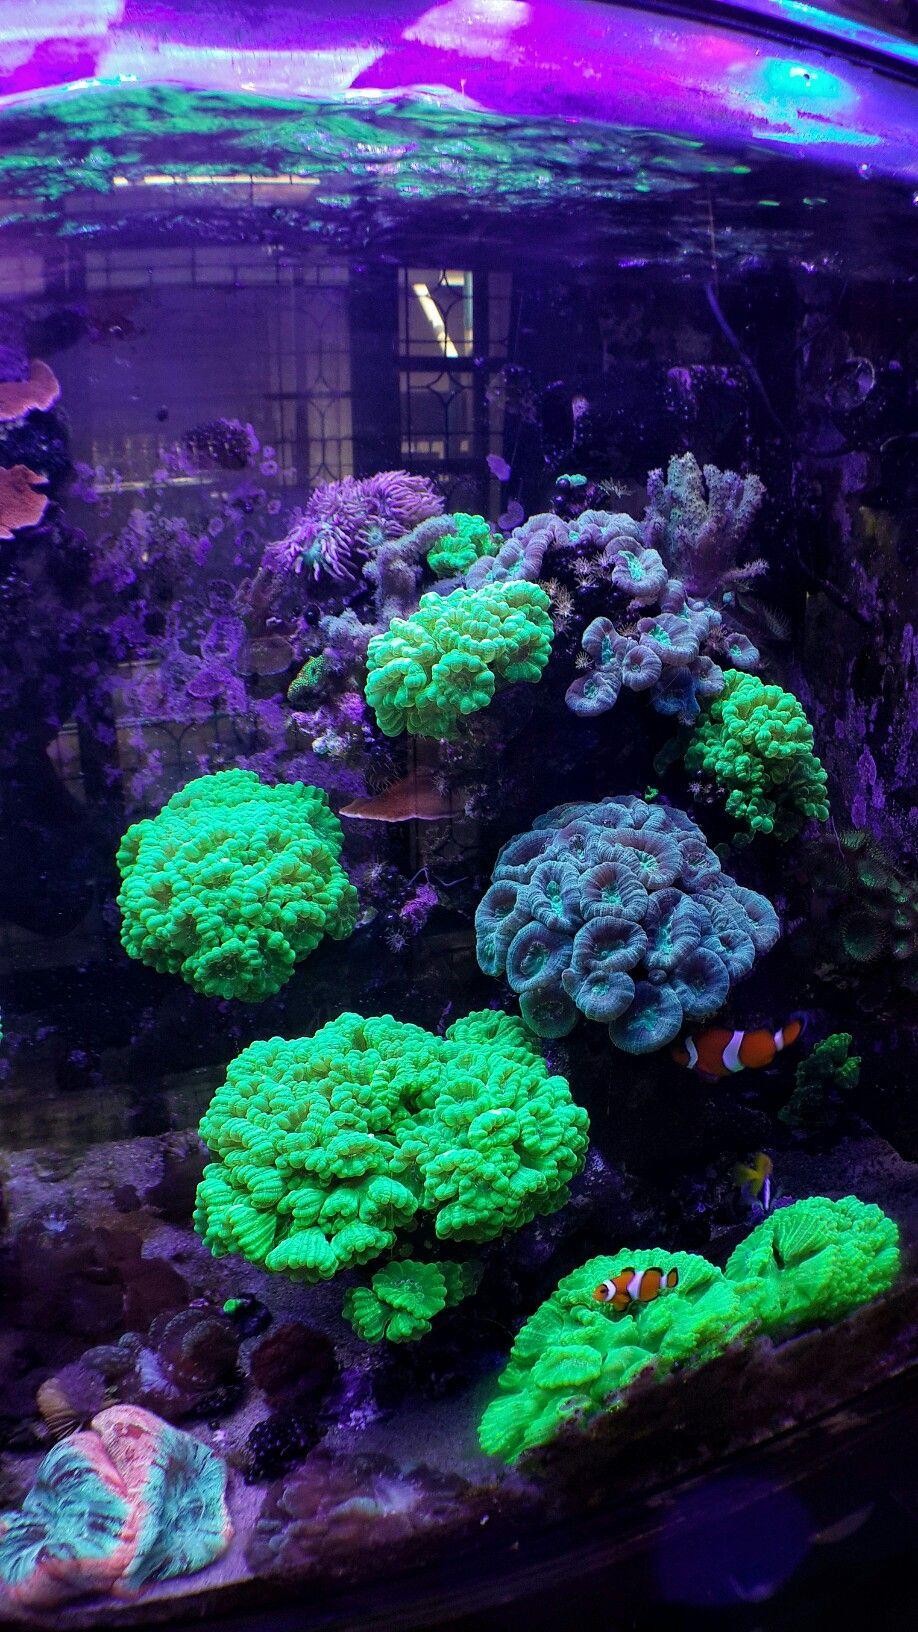 Candy Cane Coral Reef Aquarium Saltwater Tank Saltwater Aquarium